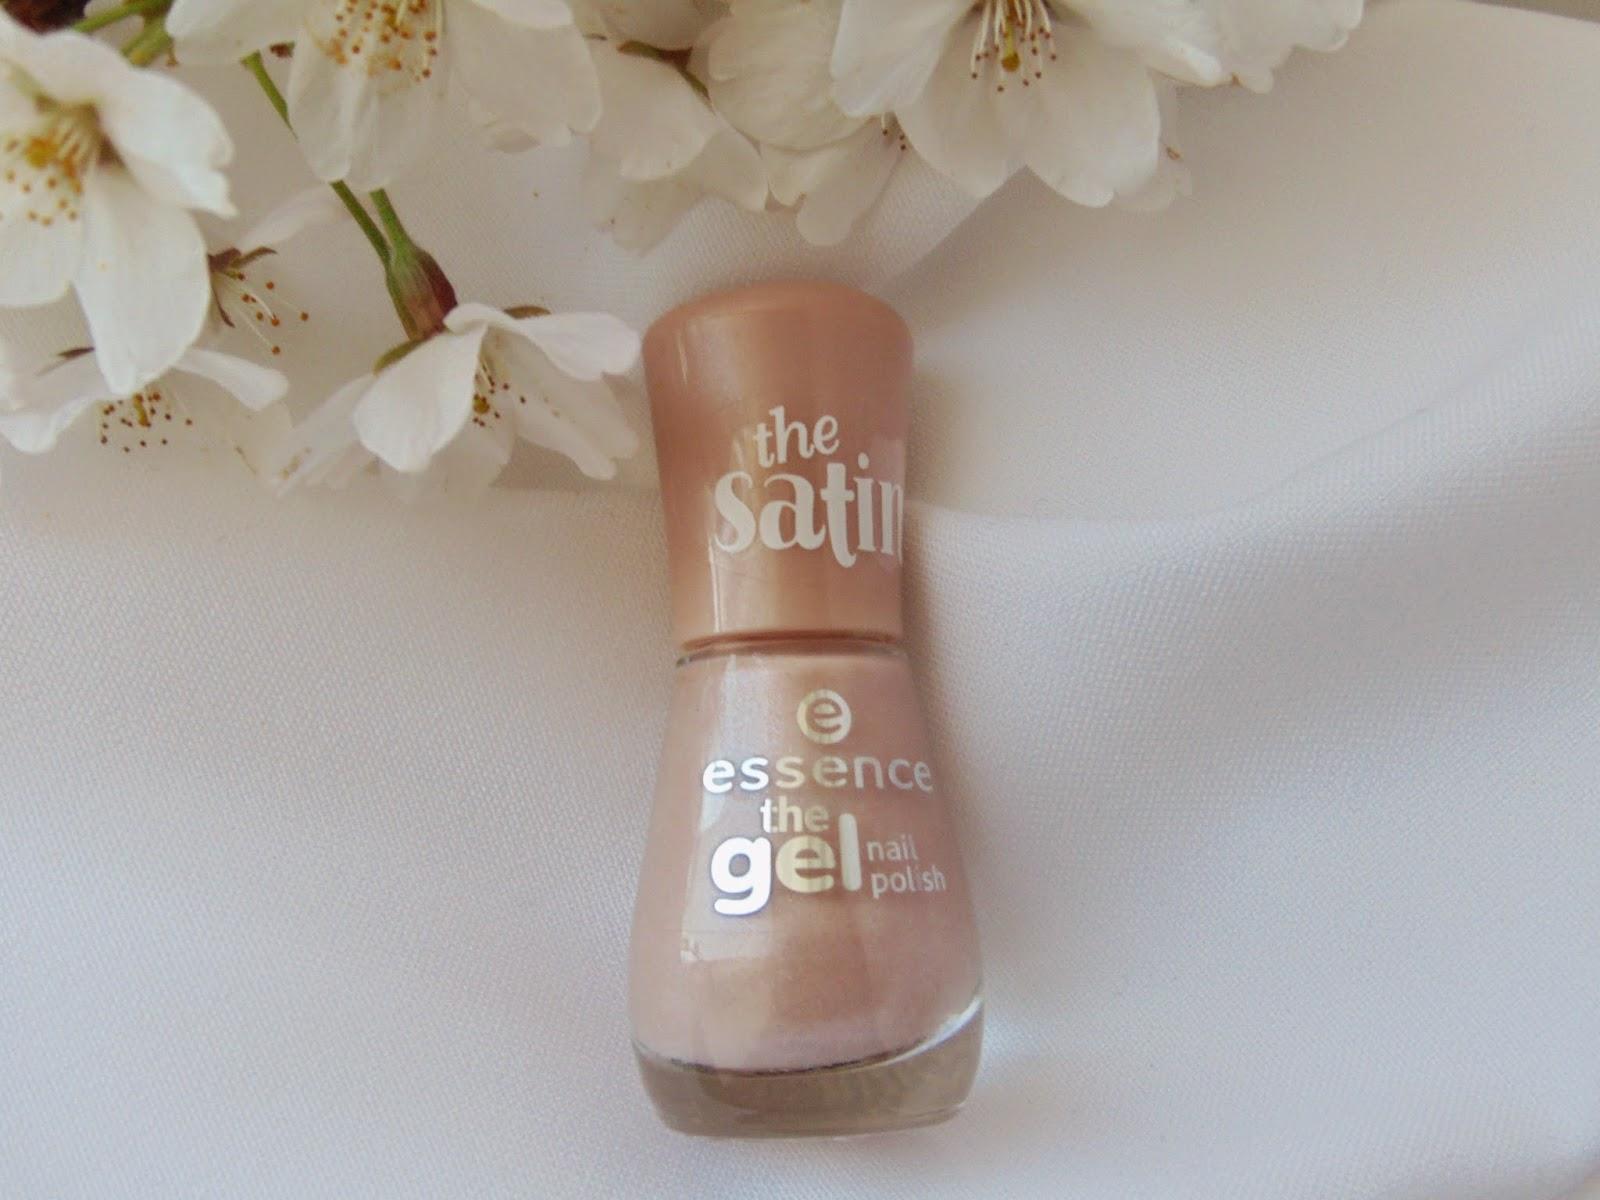 Essence - the Gel Nail Polish - 35 Engaged - www.annitschkasblog.de